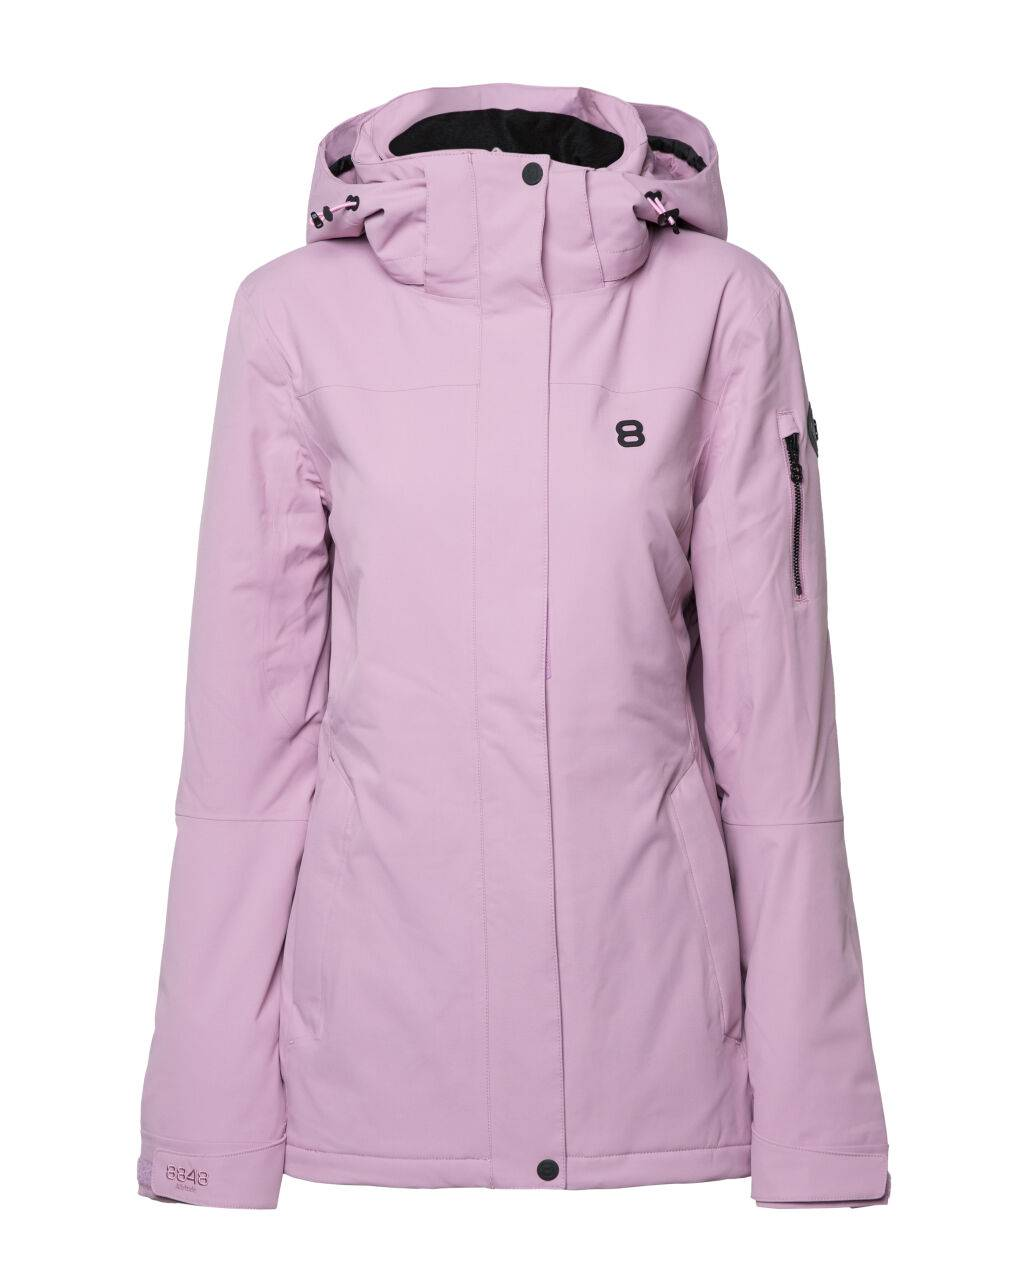 8848 Altitude Ebba jacket wNaisten toppatakki